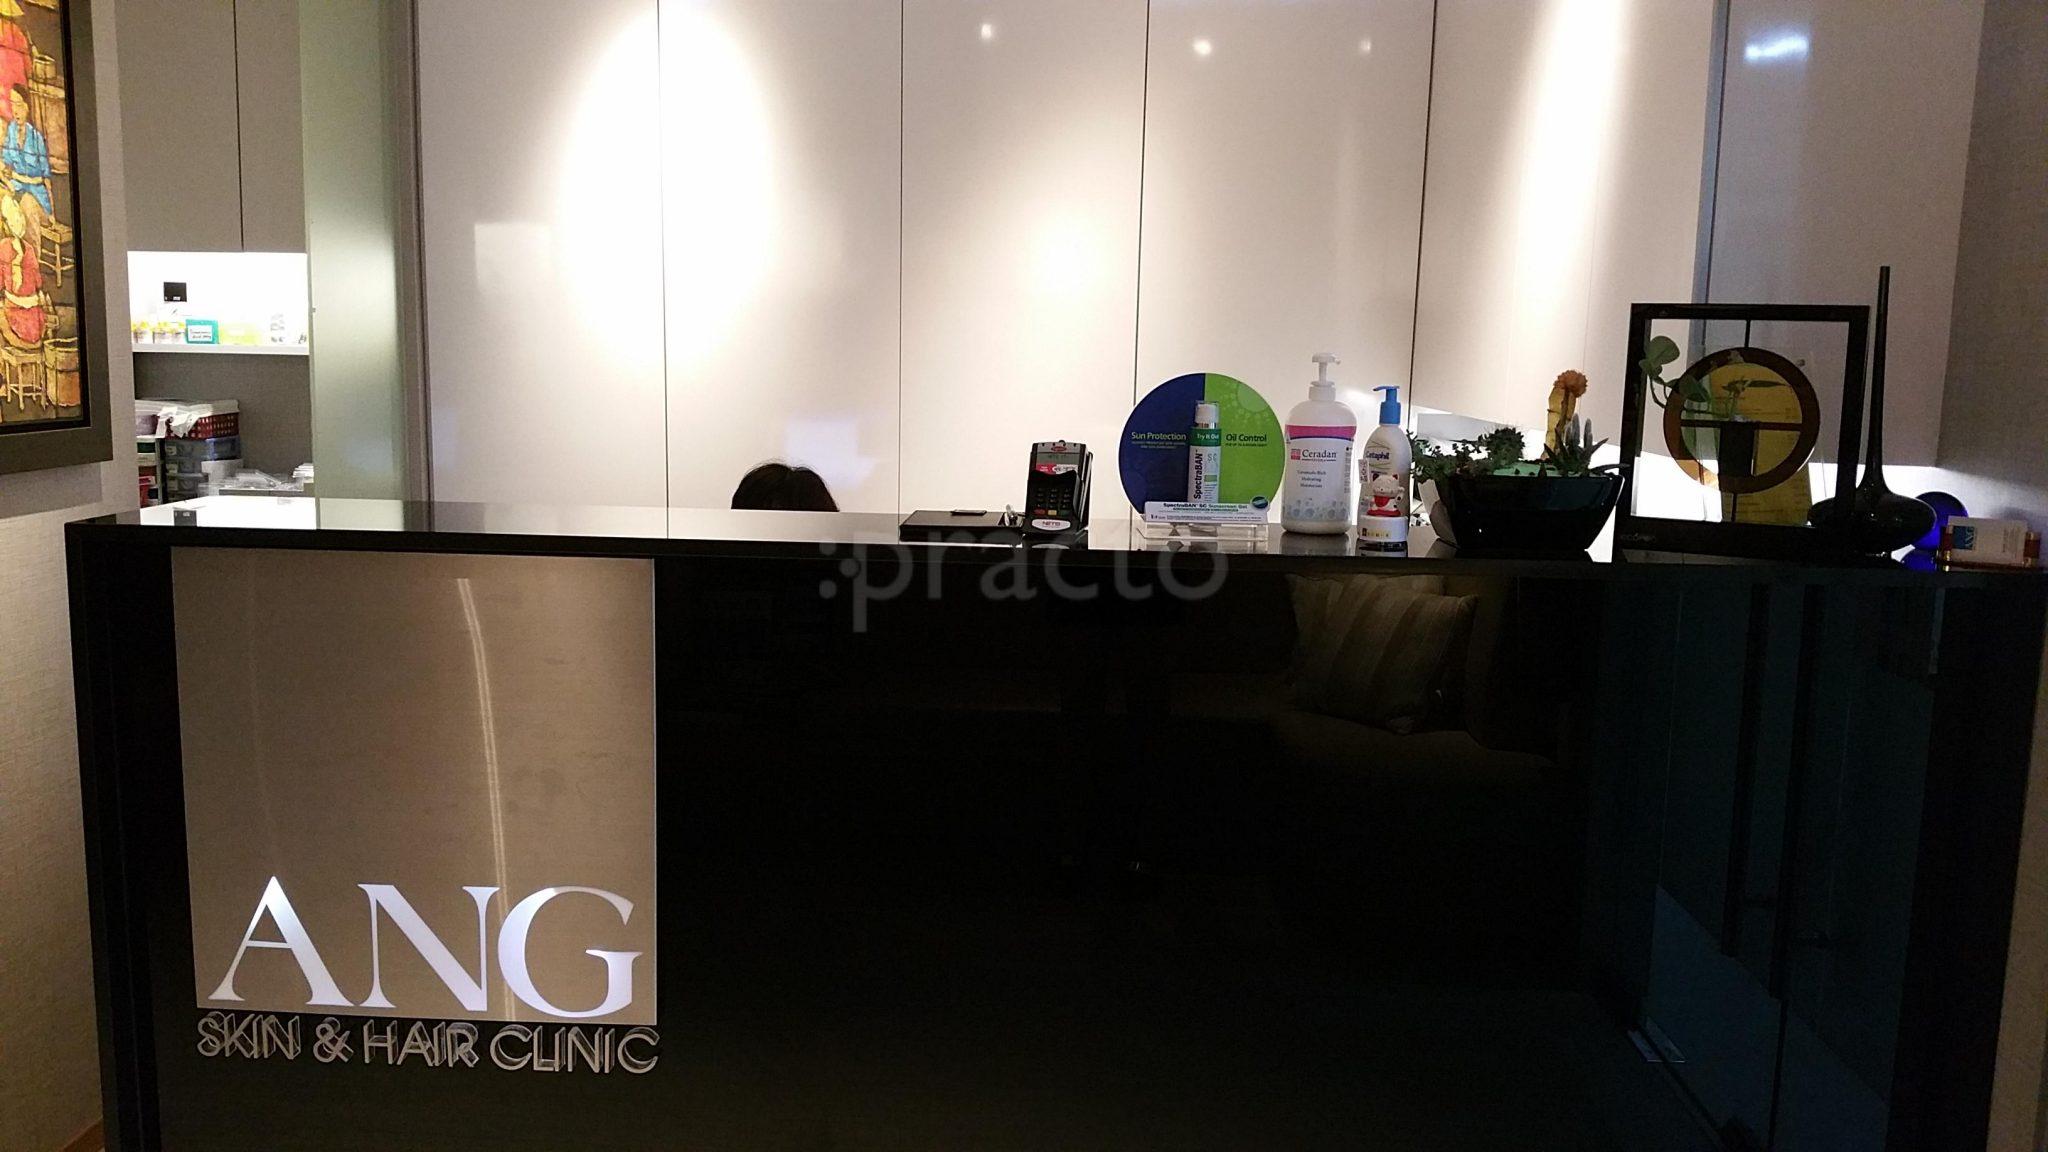 Ang Skin Clinic